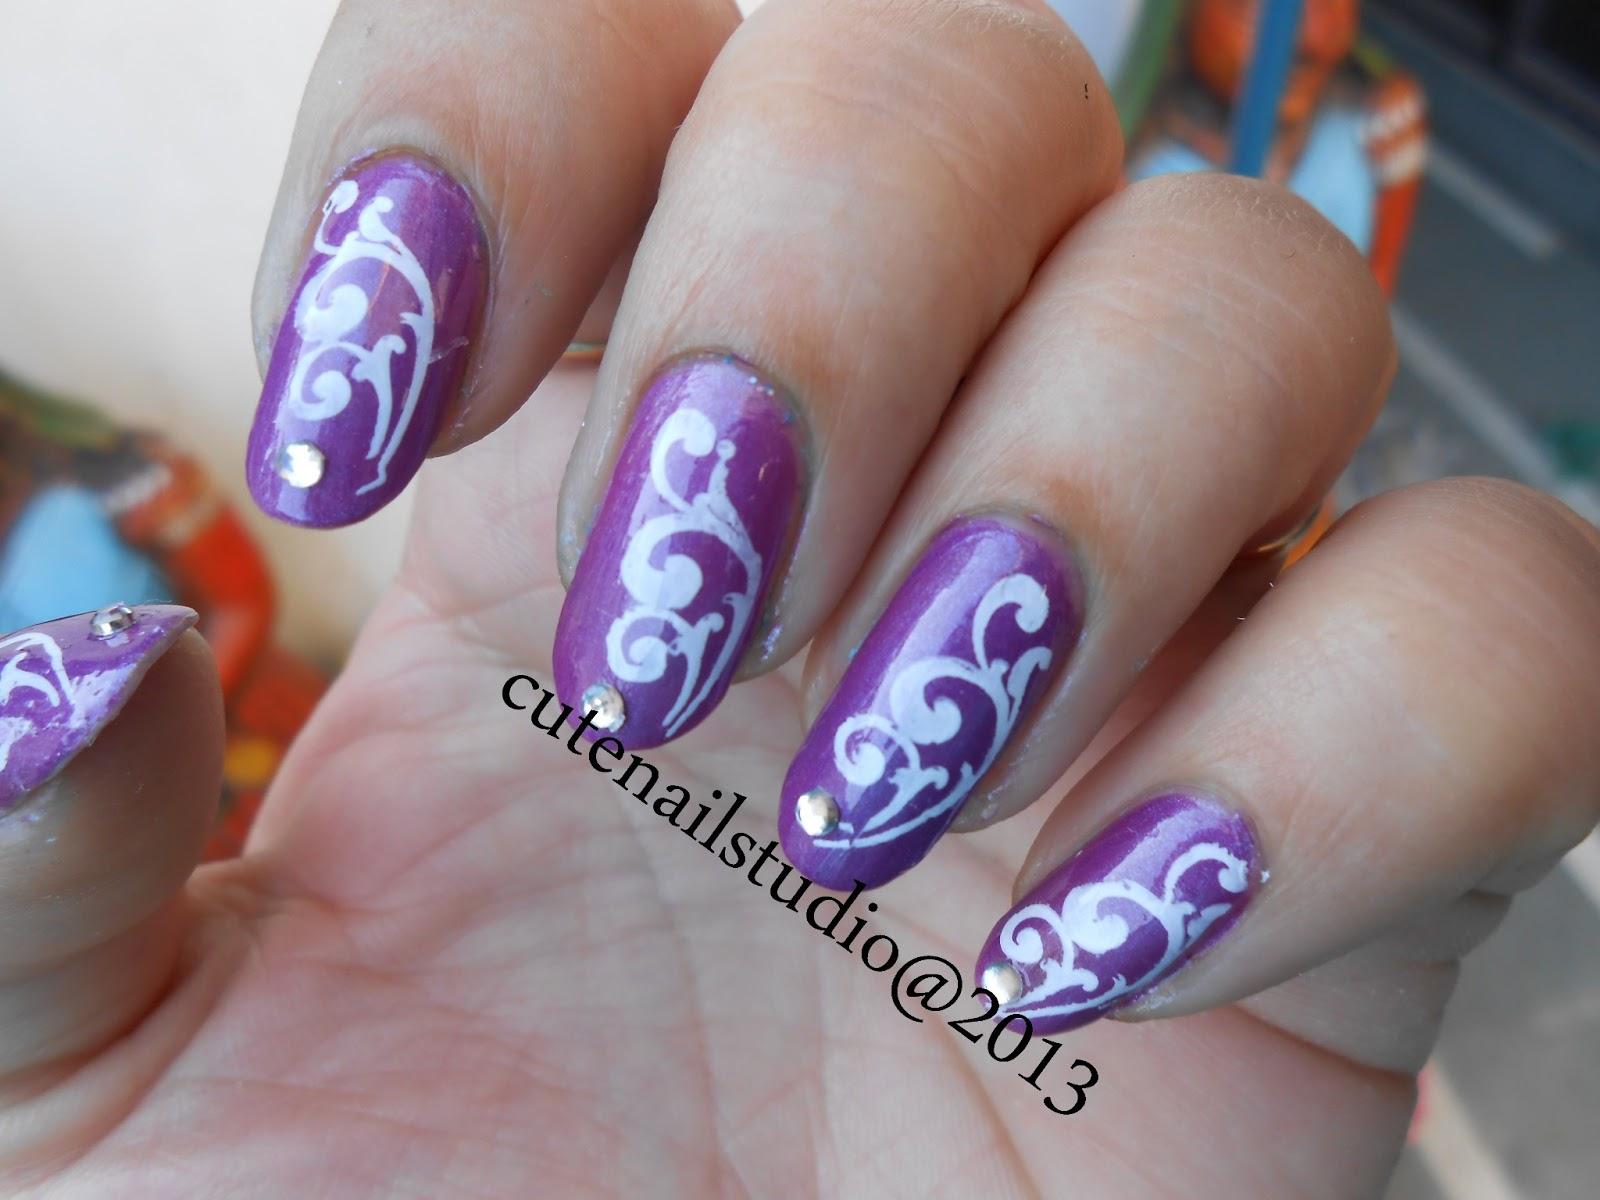 cute nails gals nail art set. Black Bedroom Furniture Sets. Home Design Ideas